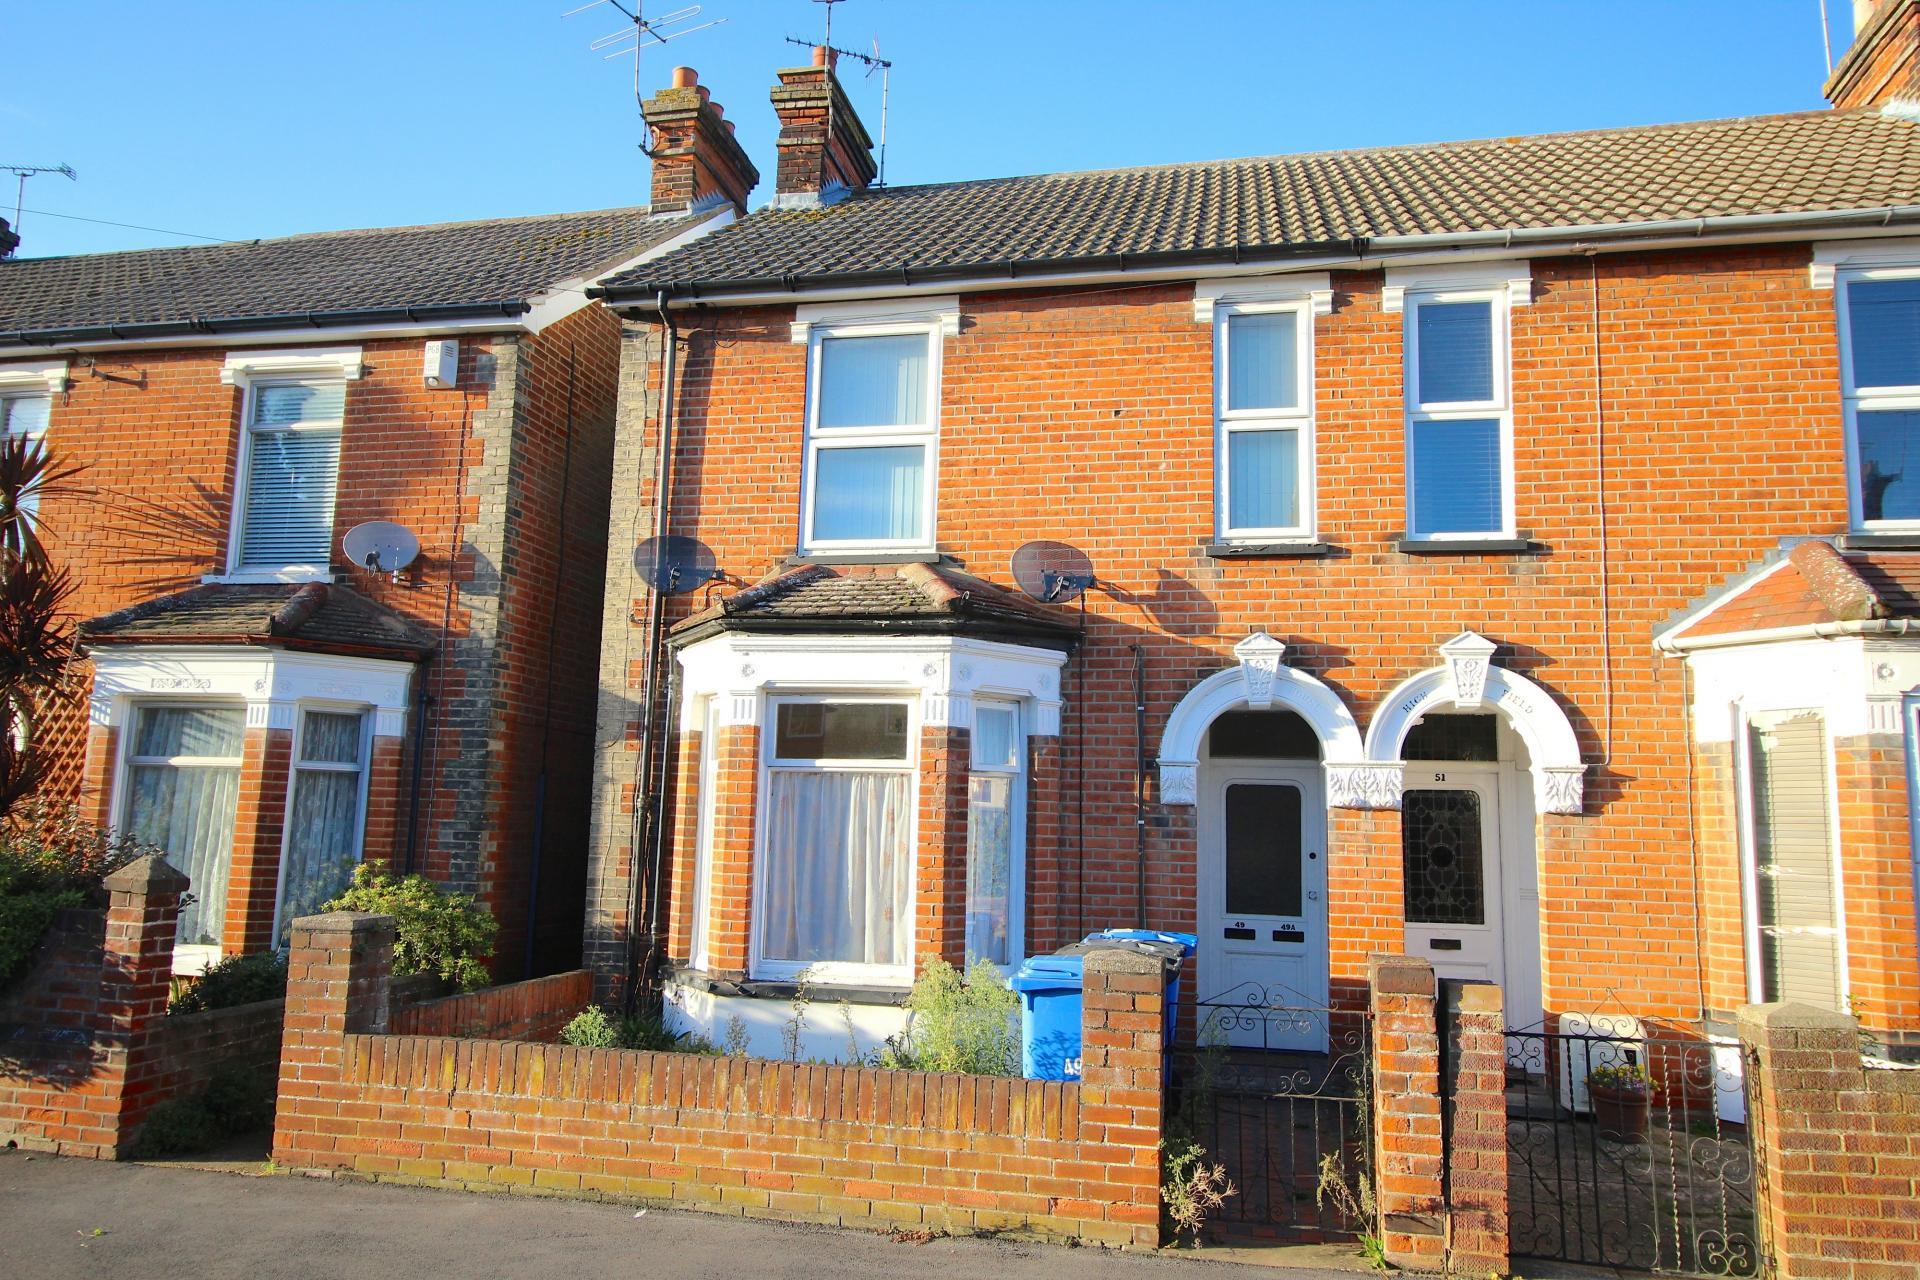 1 bedroom ground flat for sale in ipswich for Garden rooms ipswich